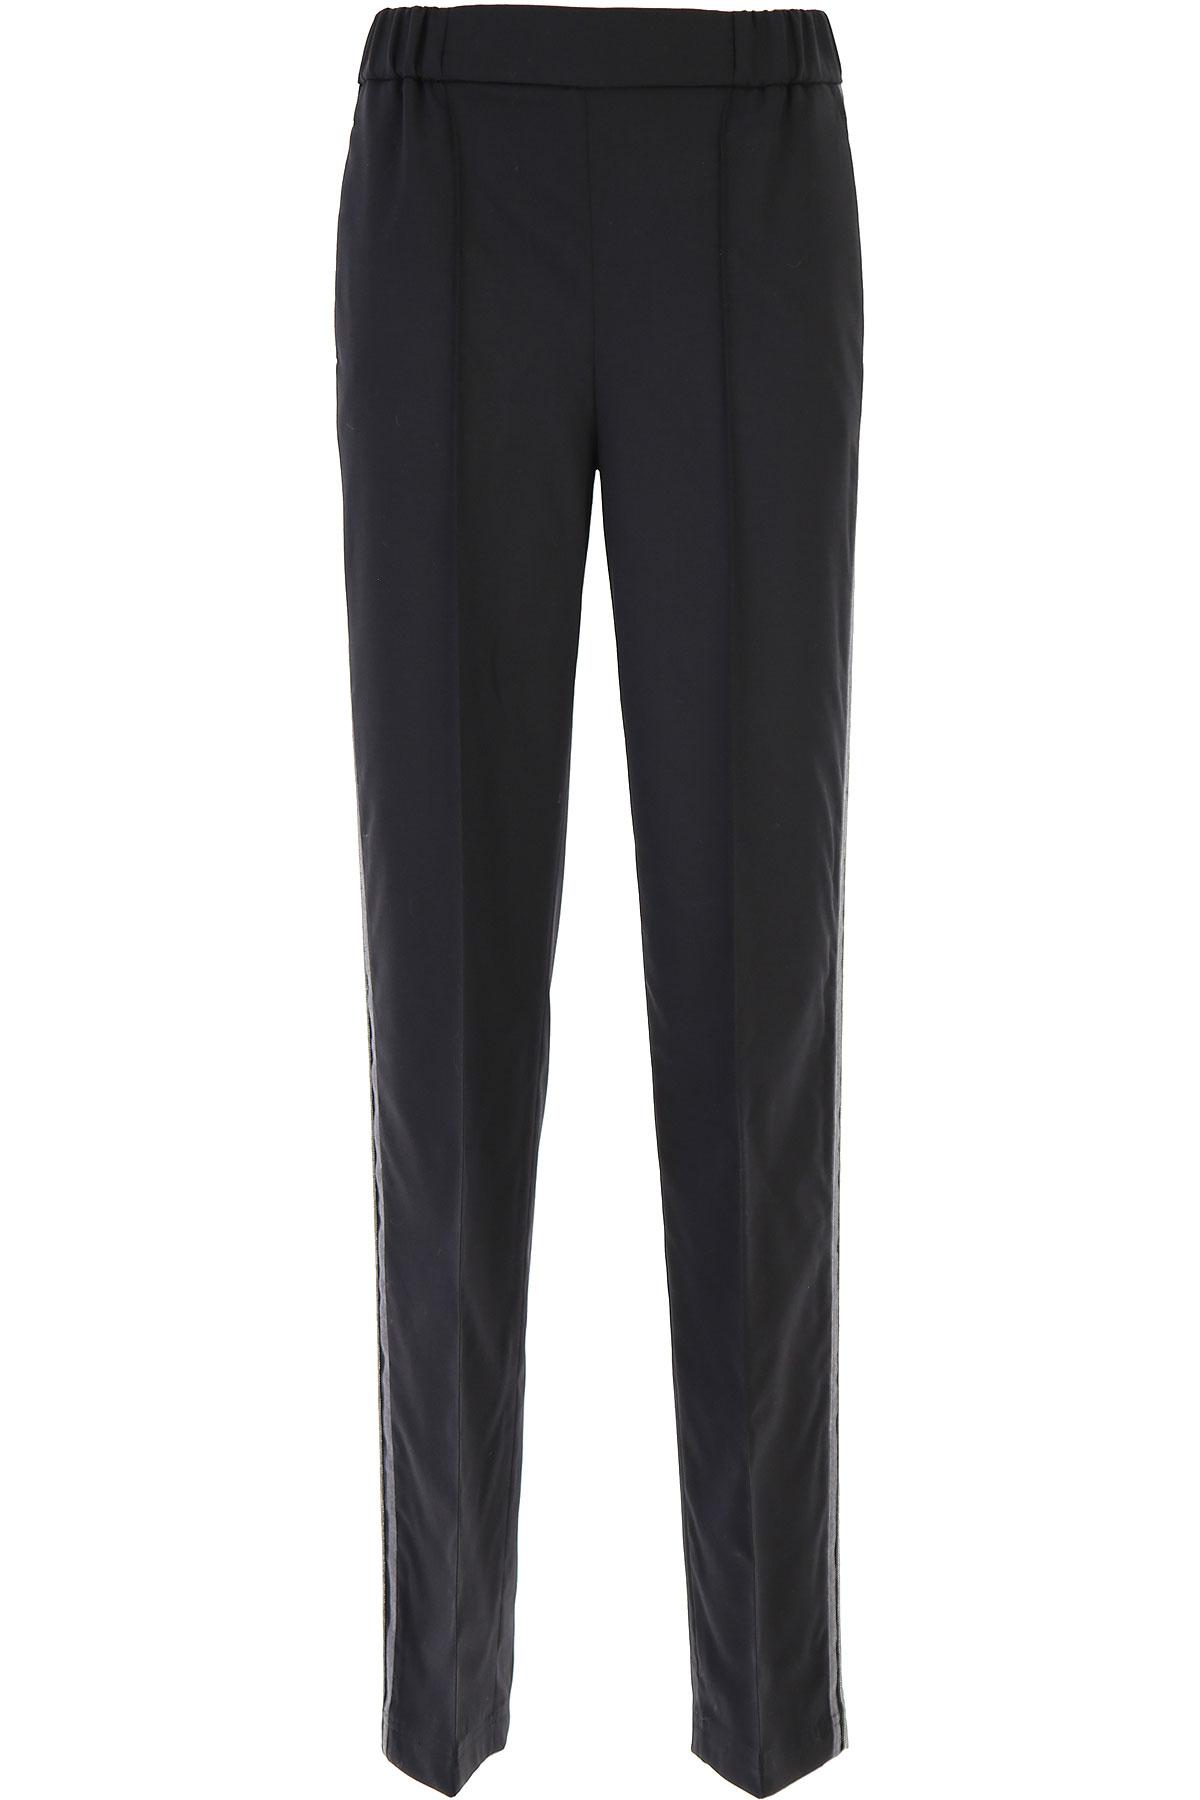 Fabiana Filippi Pants for Women On Sale, Black, Virgin wool, 2019, 26 28